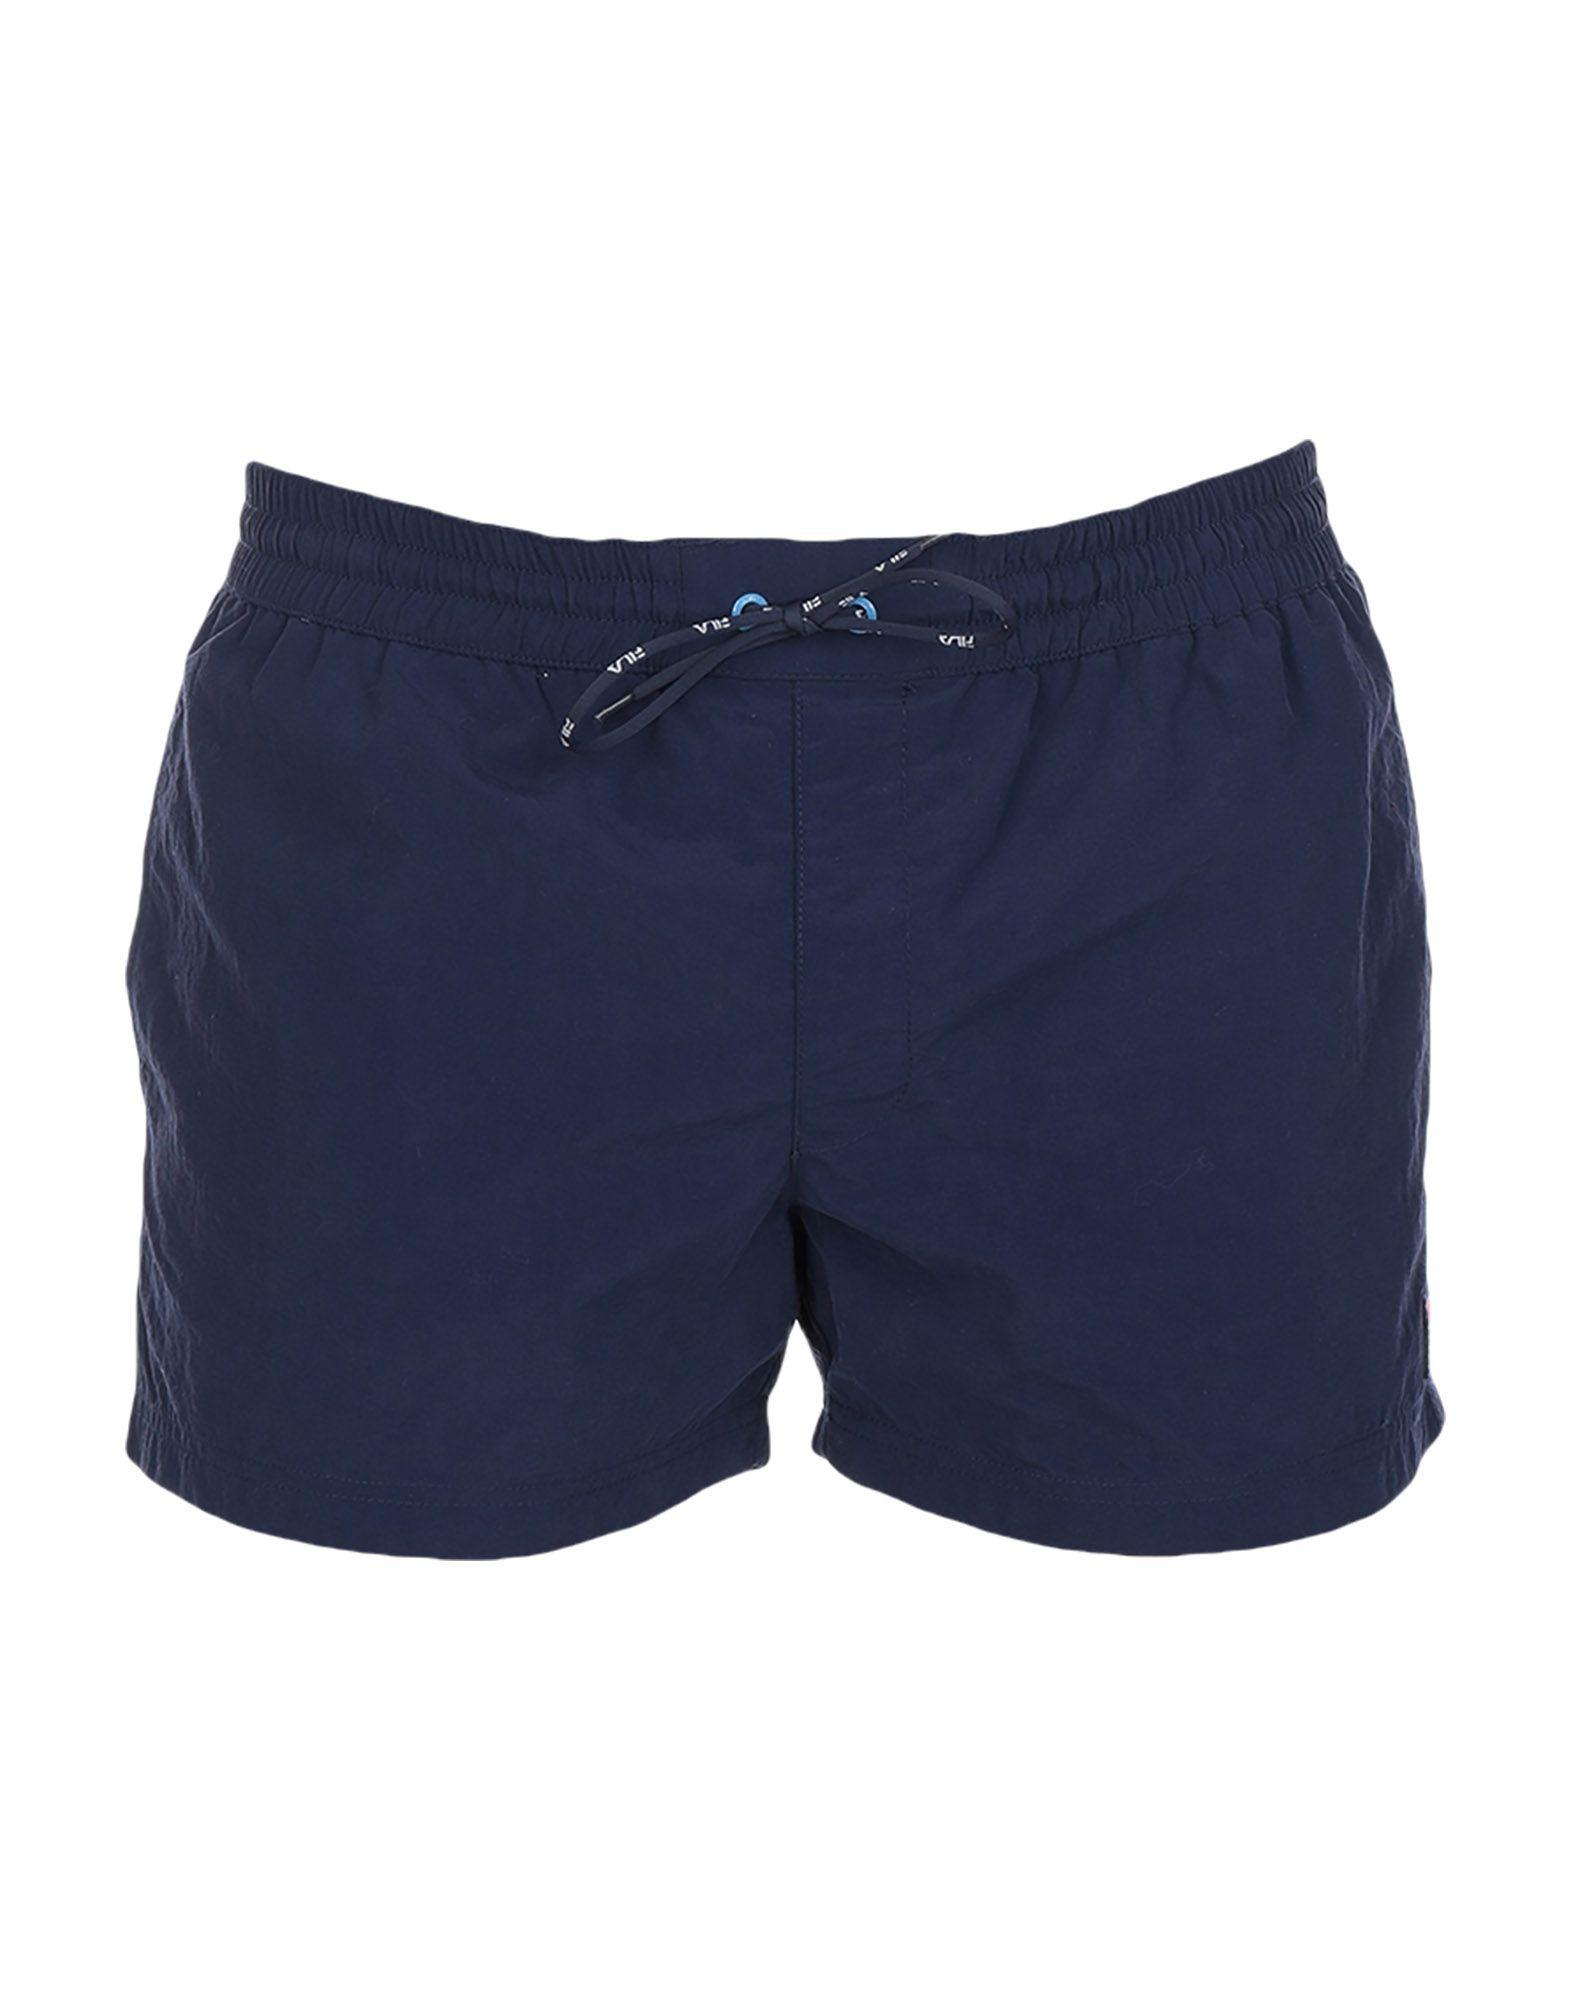 d414e7678a01d Lyst - Fila Swimming Trunks in Blue for Men